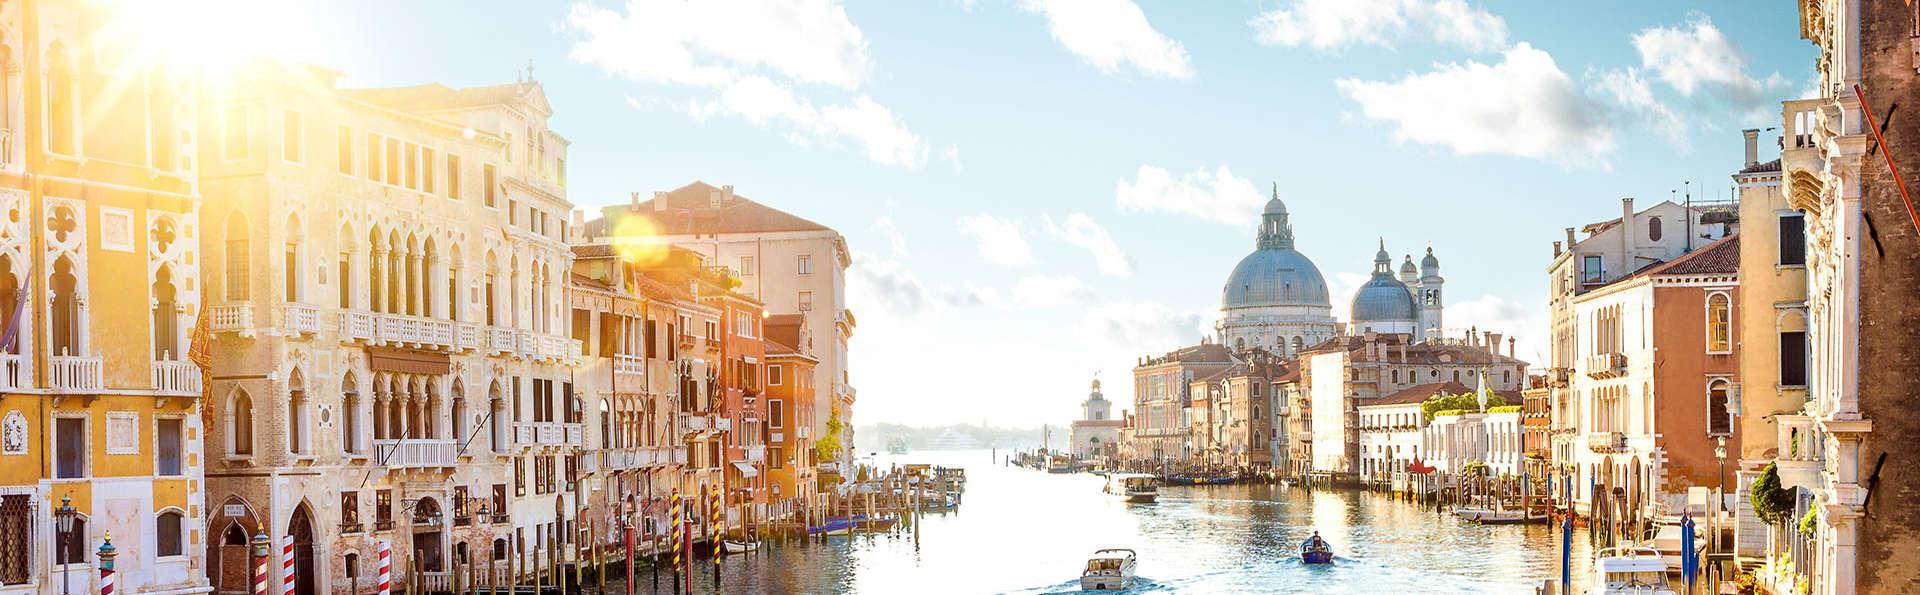 Séjour de luxe à quelques pas de la Place Saint-Marc à Venise